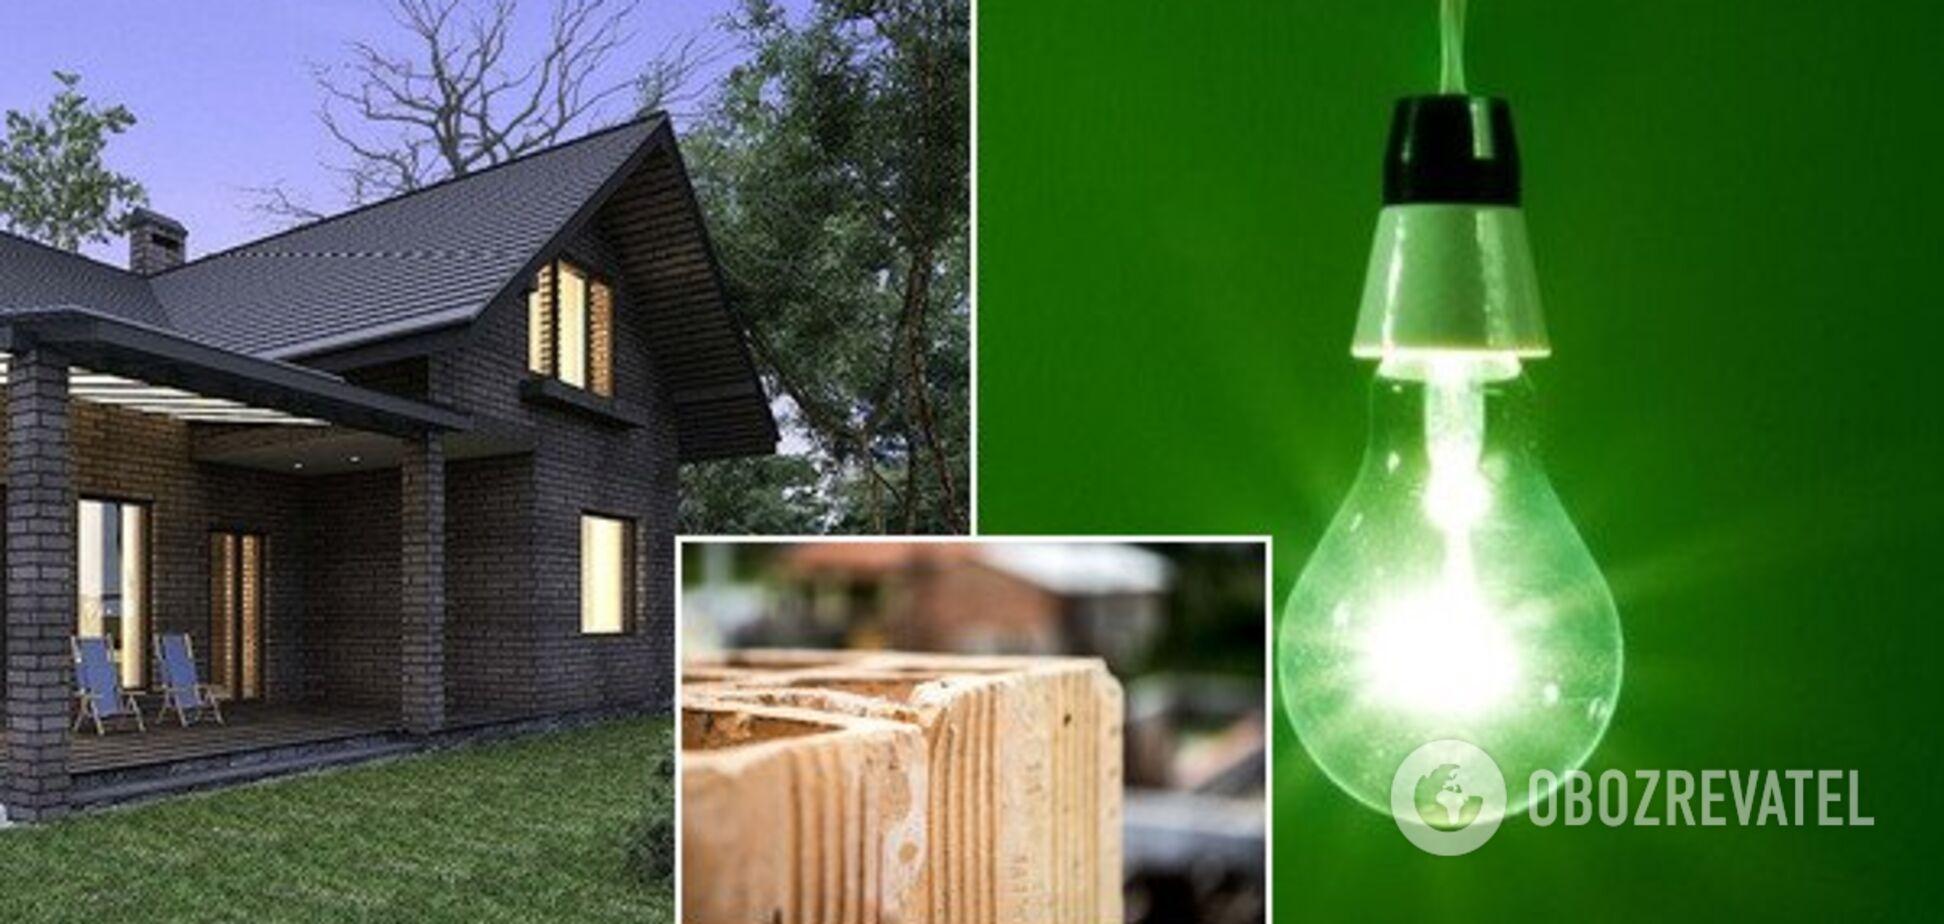 Побудувати будинок за 50 тисяч доларів: зруйновано головні міфи про енергоефективність